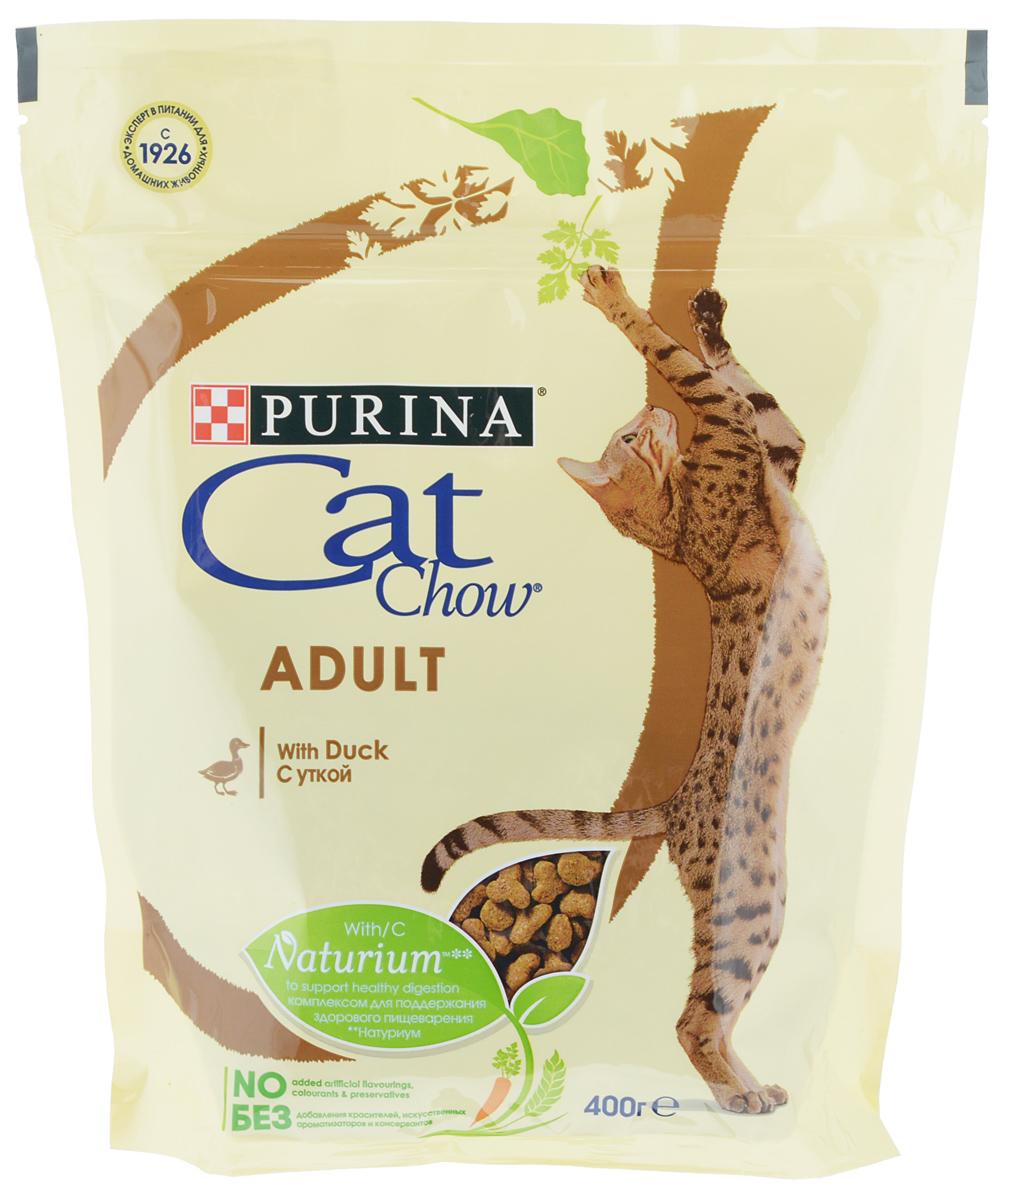 Корм сухой для кошек Cat Chow Adult, с уткой, 400 г12292070Сухой корм Cat Chow Adult - полнорационный сбалансированный корм для взрослых кошек. Корм Cat Chow Adult тщательно разработан: без добавления искусственных ароматизаторов, красителей и консервантов. Рецептура с уткой имеет специально отобранные по качеству источники протеина, чтобы удовлетворить естественные потребности кошек. Бережно приготовлено с натуральными ингредиентами (петрушка, шпинат, морковь, цельные зерна злаков, цикорий и дрожжи) для придания особого аромата, который кошки выбирают инстинктивно. Комплекс Naturium в кормах Cat Chow — это особое сочетание волокон природного происхождения. Он включает источник натурального пребиотика, который, как было доказано, улучшает баланс микрофлоры кишечника и поддерживает здоровье пищеварительной системы кошки. Это позволяет ей питаться с большей пользой. Товар сертифицирован.